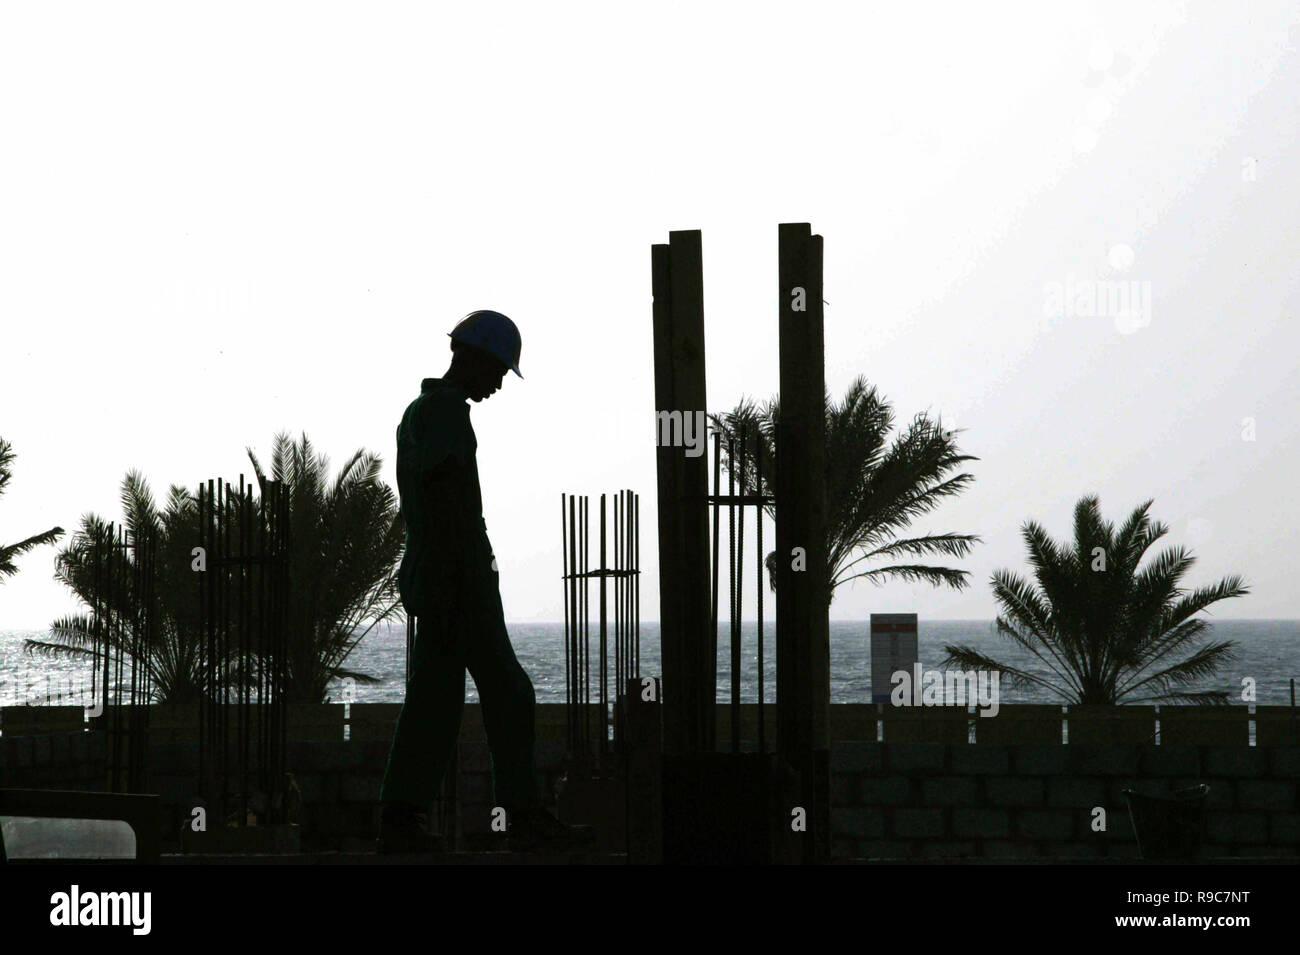 9ac756a6ab Dubai, Emiratos Árabes Unidos, EAU - 14JUN2004: Trabajador silueteado  durante la tarde mientras